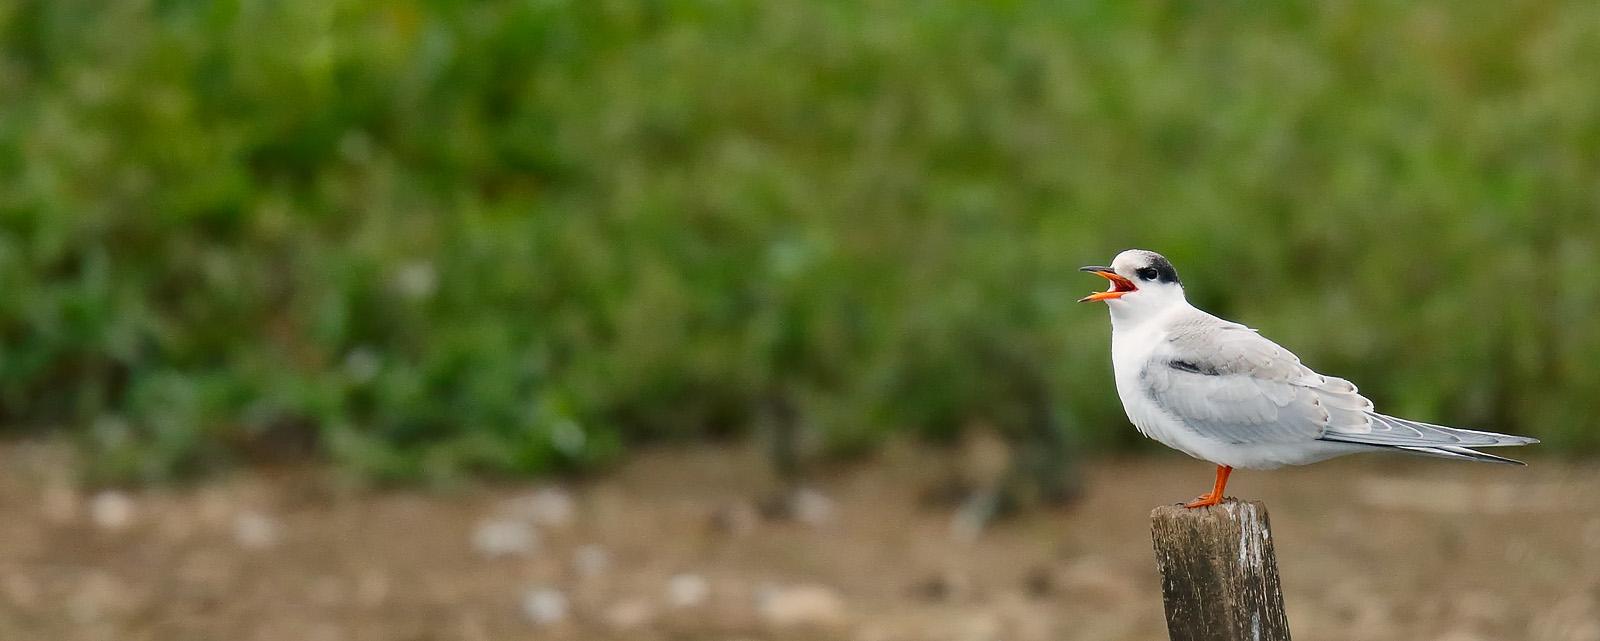 Common Tern_J4X5050